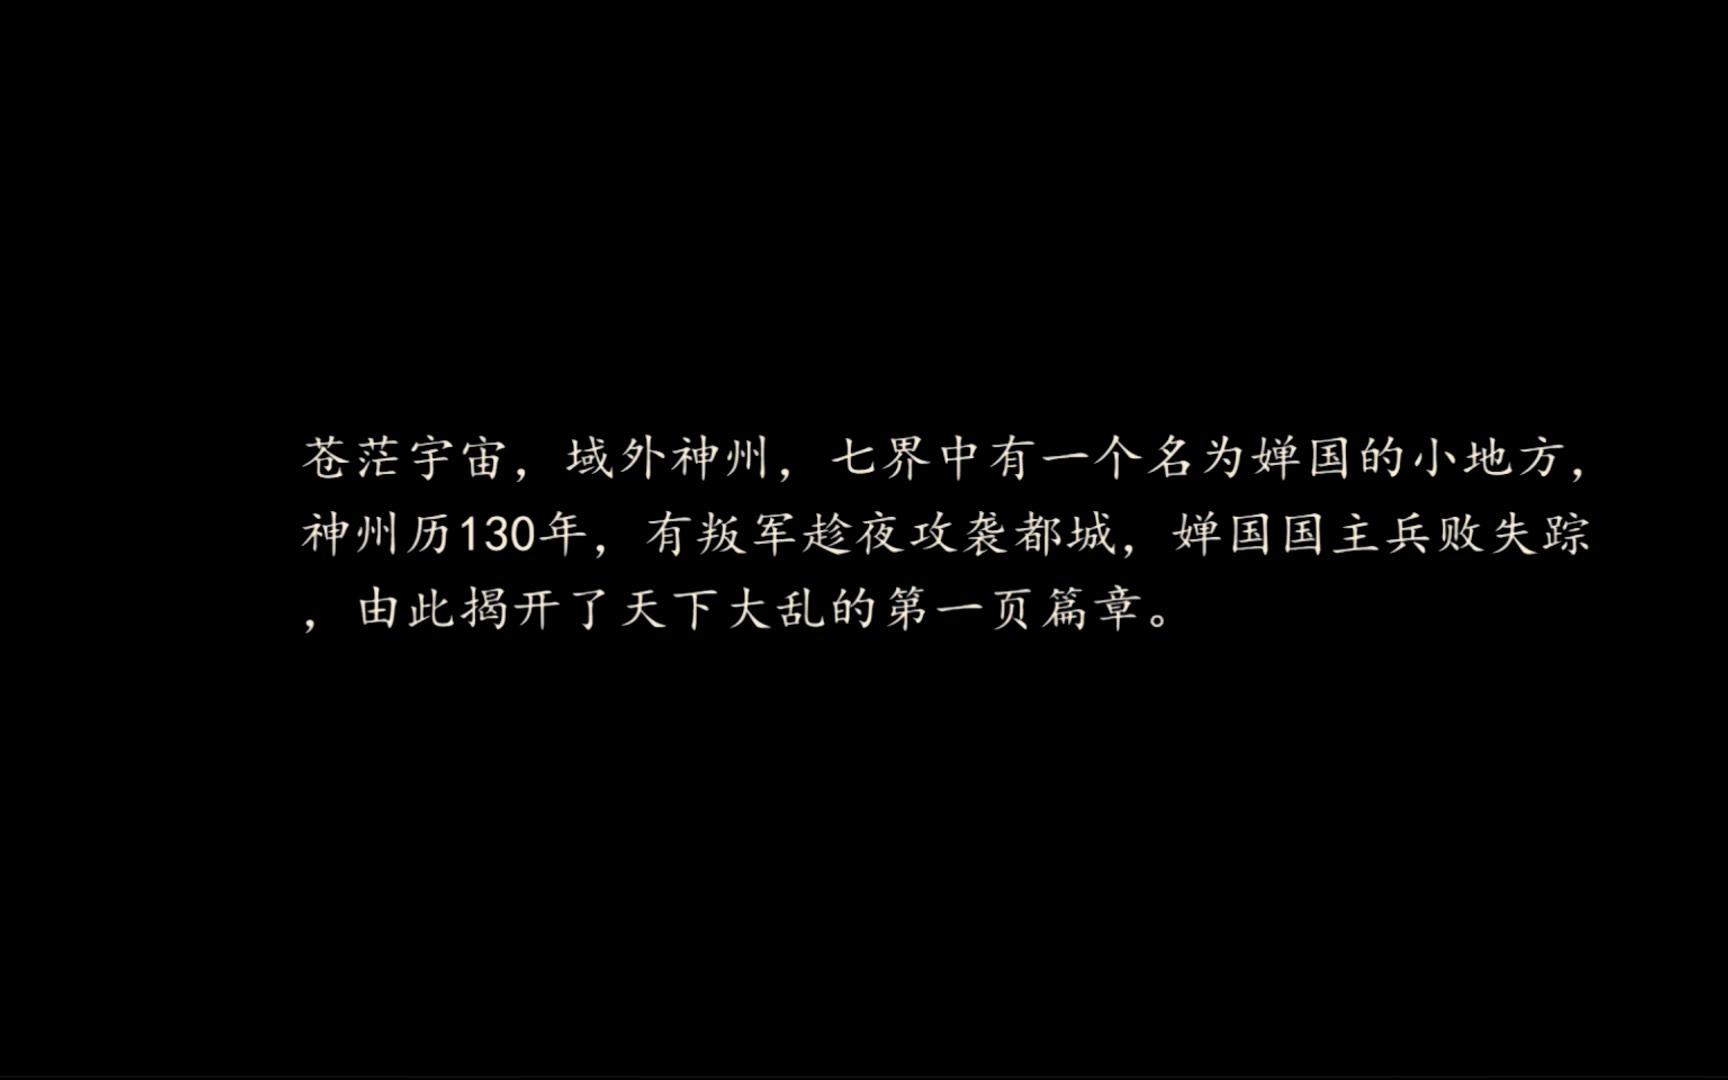 阿婵复国记01